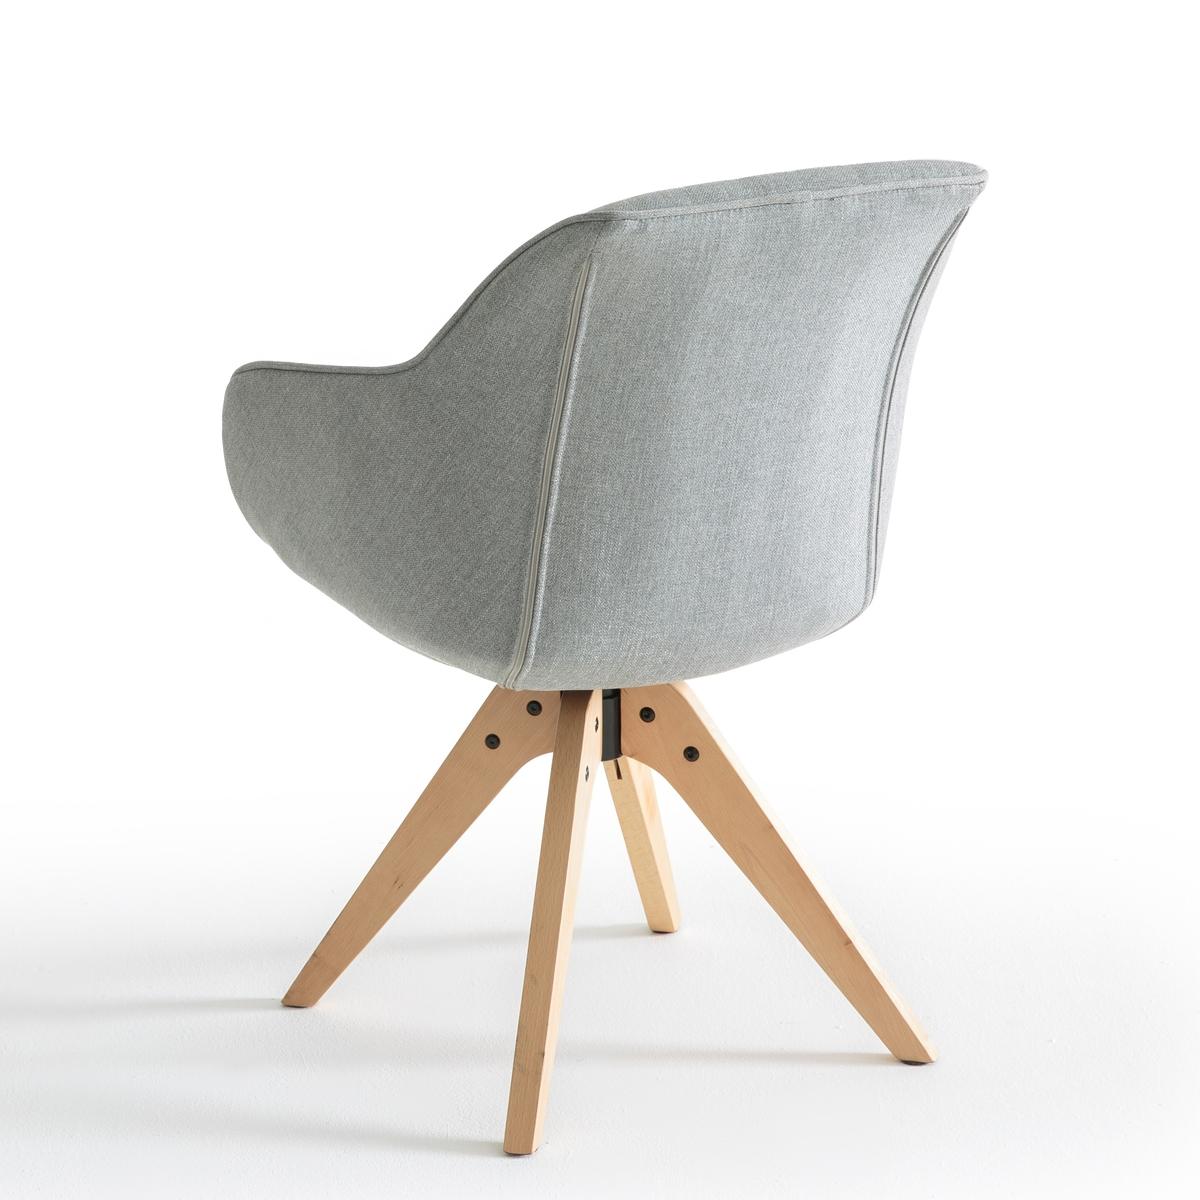 Кресло для письменного стола JIMIКресло для письменного стола JIMI . Преимущества : Современный, очень стильный скандинавский дизайн, вращающееся сиденье и невероятный комфорт .Описание кресла Jimi :Вращающееся сиденье, не регулируемое по высоте .Тканевая обивка из 100 % полиэстера.Наполнитель из полиуретана 30 кг/м?.Ножки из массива бука .Вся коллекция  Jimi на сайте laredoute.ru.Размер кресла Jimi  :Ширина : 64 см.Общая высота : 78 см.43 см, максимум 50 см. Ширина спинки : 44 см.высота сиденья : 45,5 см..Глубина : 64 см.Размеры и вес ящика :L61 x H52 x P58 см . Вес 11,5 кг .Доставка :Кресло продается готовым к сборке . Возможна доставка до квартиры по предварительной  договоренности !! .<br><br>Цвет: светло-серый